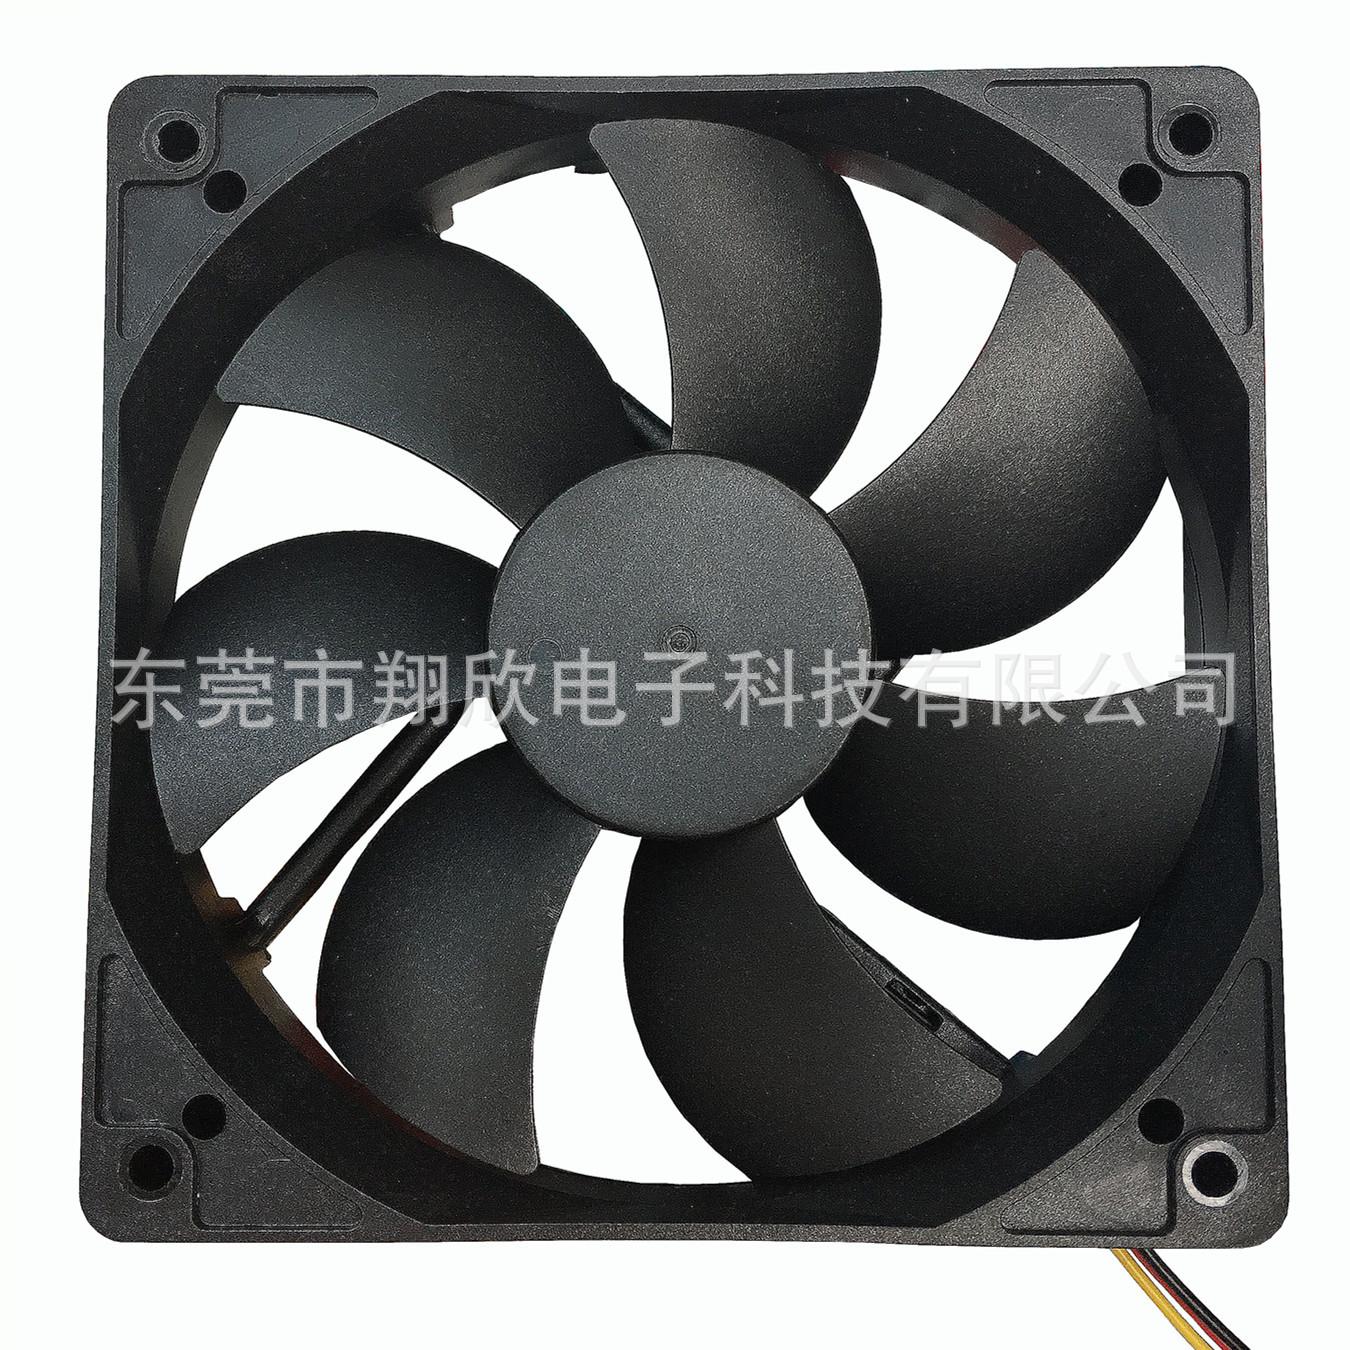 厂家供销12025制氧机直流风   扇 大风力 噪音低 耗能小5V 12V 24